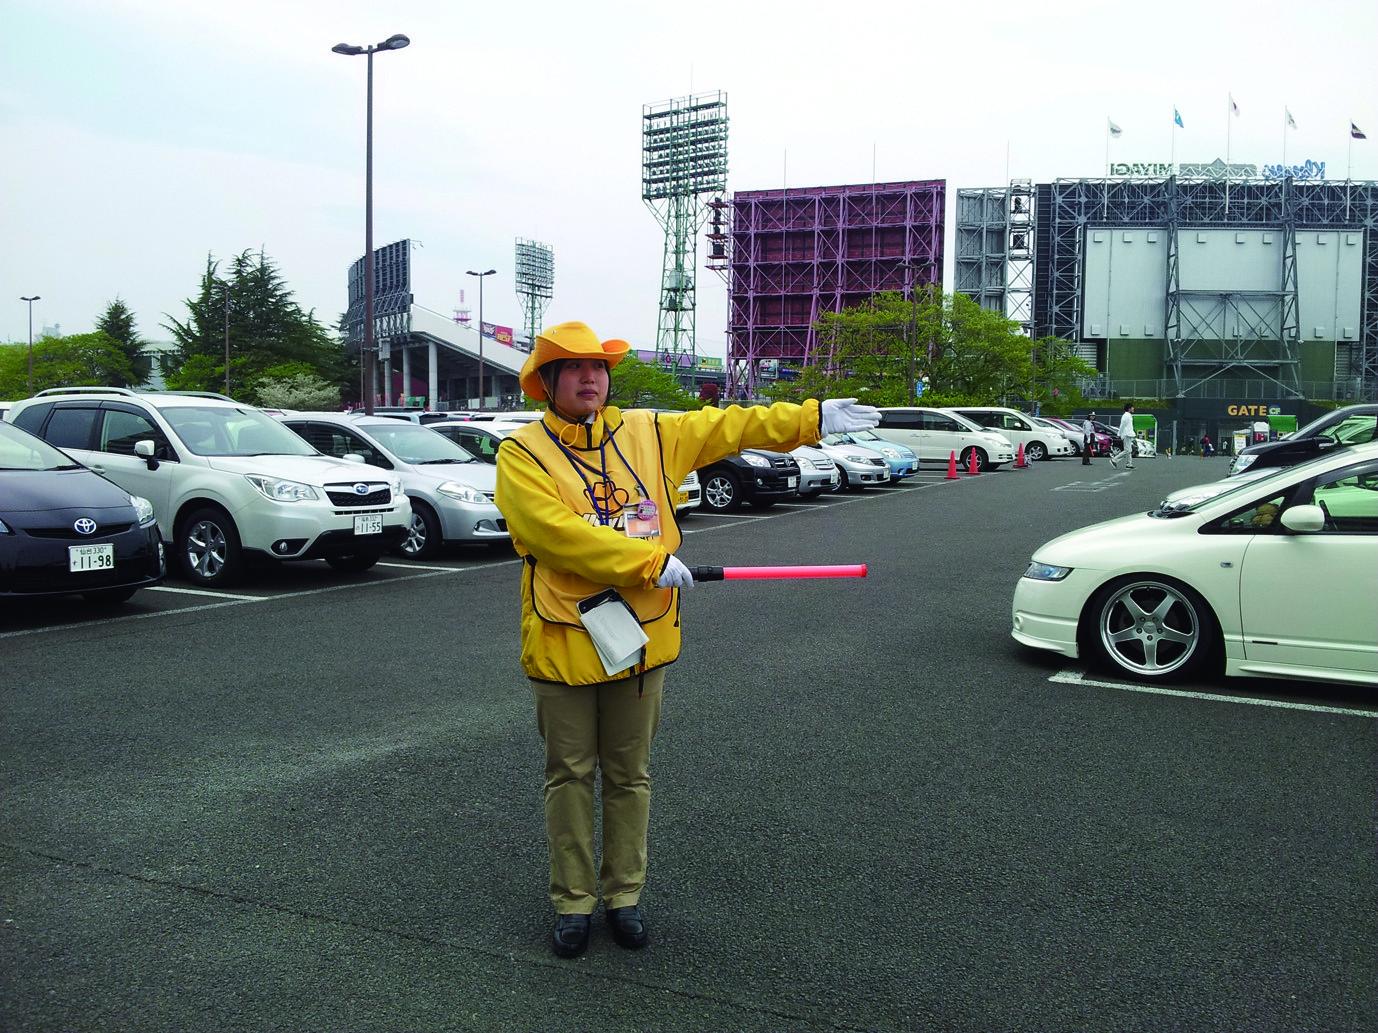 車両誘導スタッフ 一関市エリア 東洋ワークセキュリティ株式会社 一関営業所のアルバイト情報